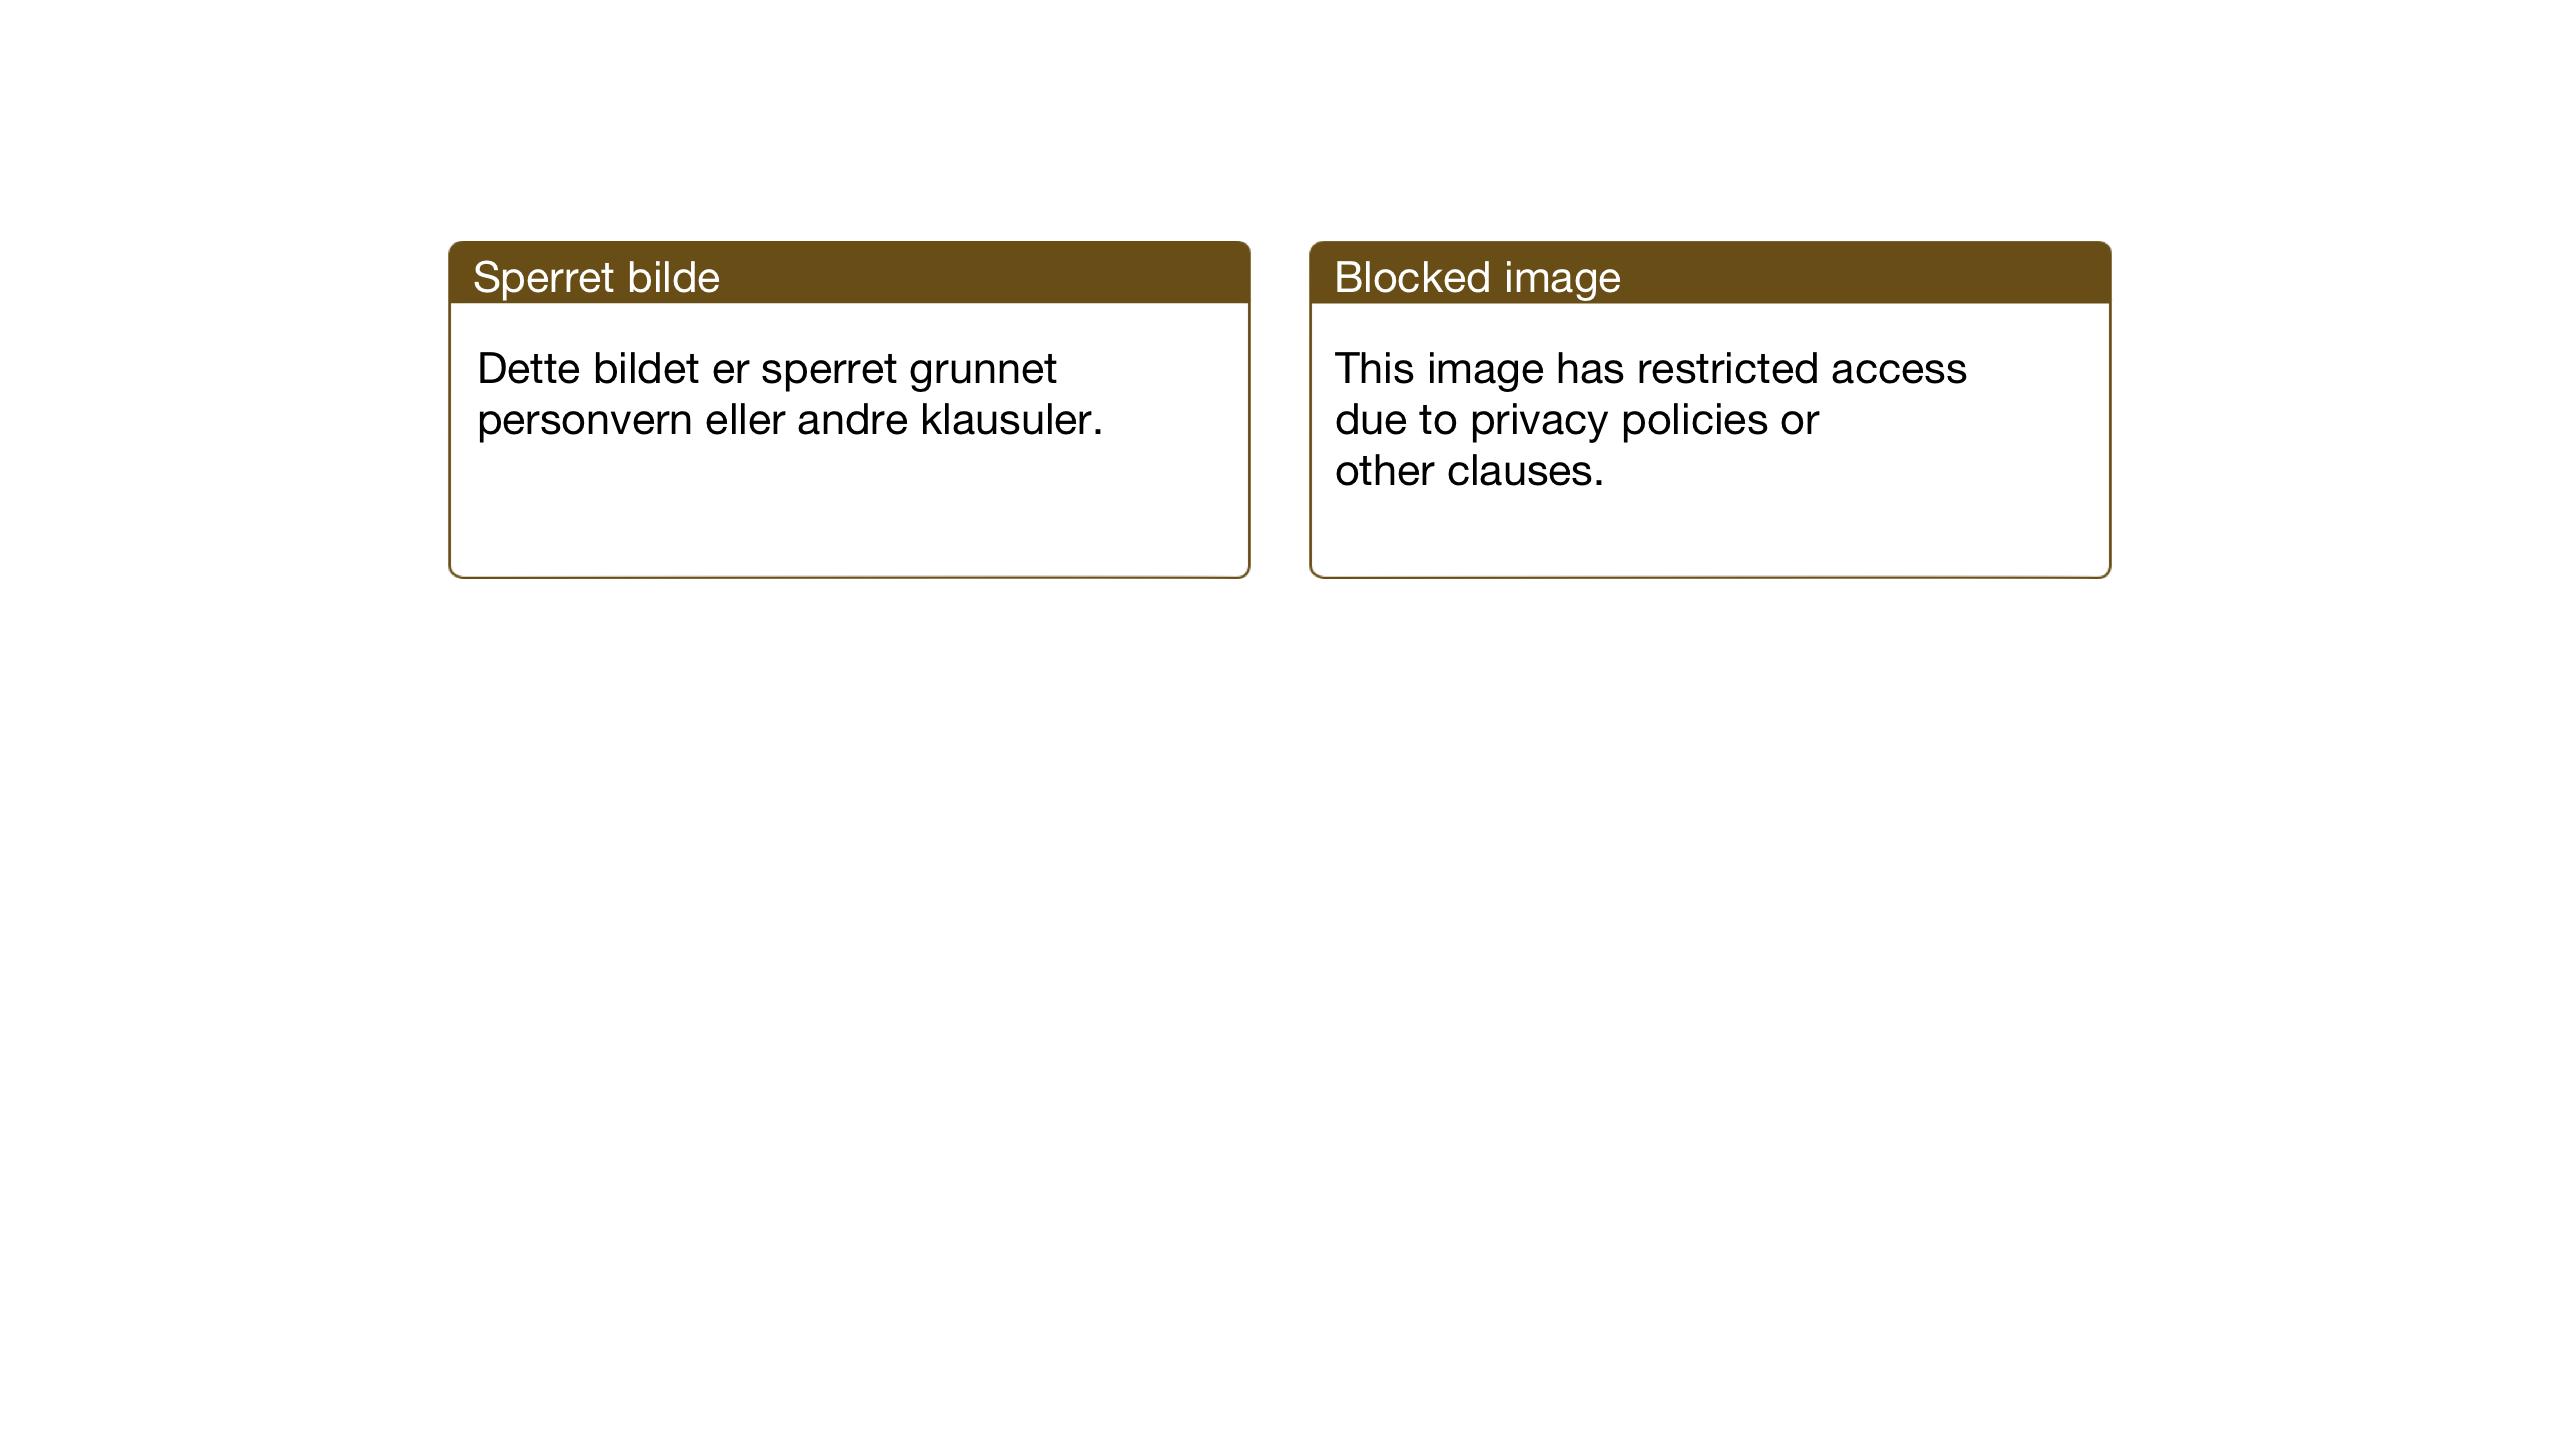 SAT, Ministerialprotokoller, klokkerbøker og fødselsregistre - Sør-Trøndelag, 637/L0564: Klokkerbok nr. 637C05, 1928-1968, s. 126